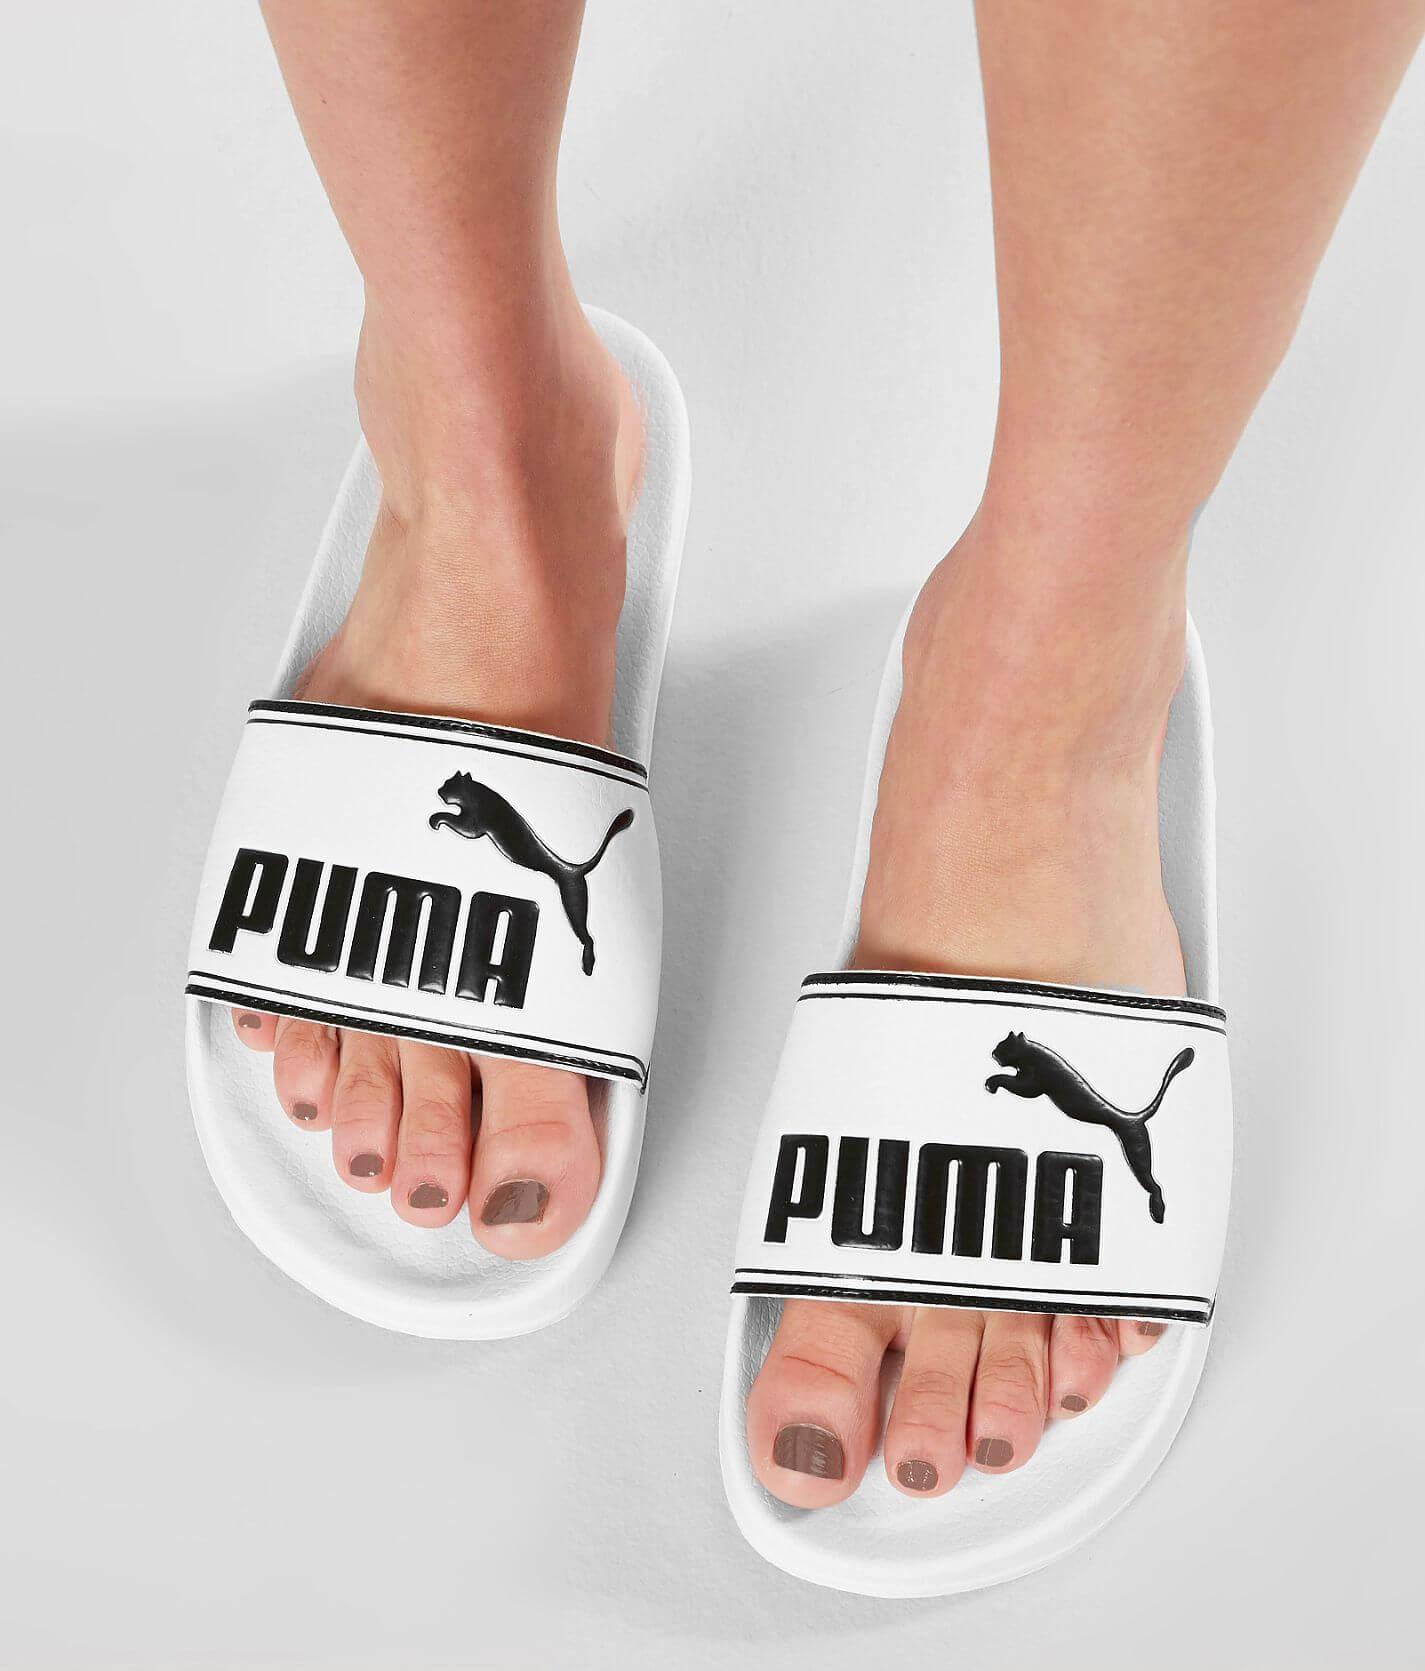 Puma Leadcat Slide - Women's Shoes in Puma White Puma Black | Buckle